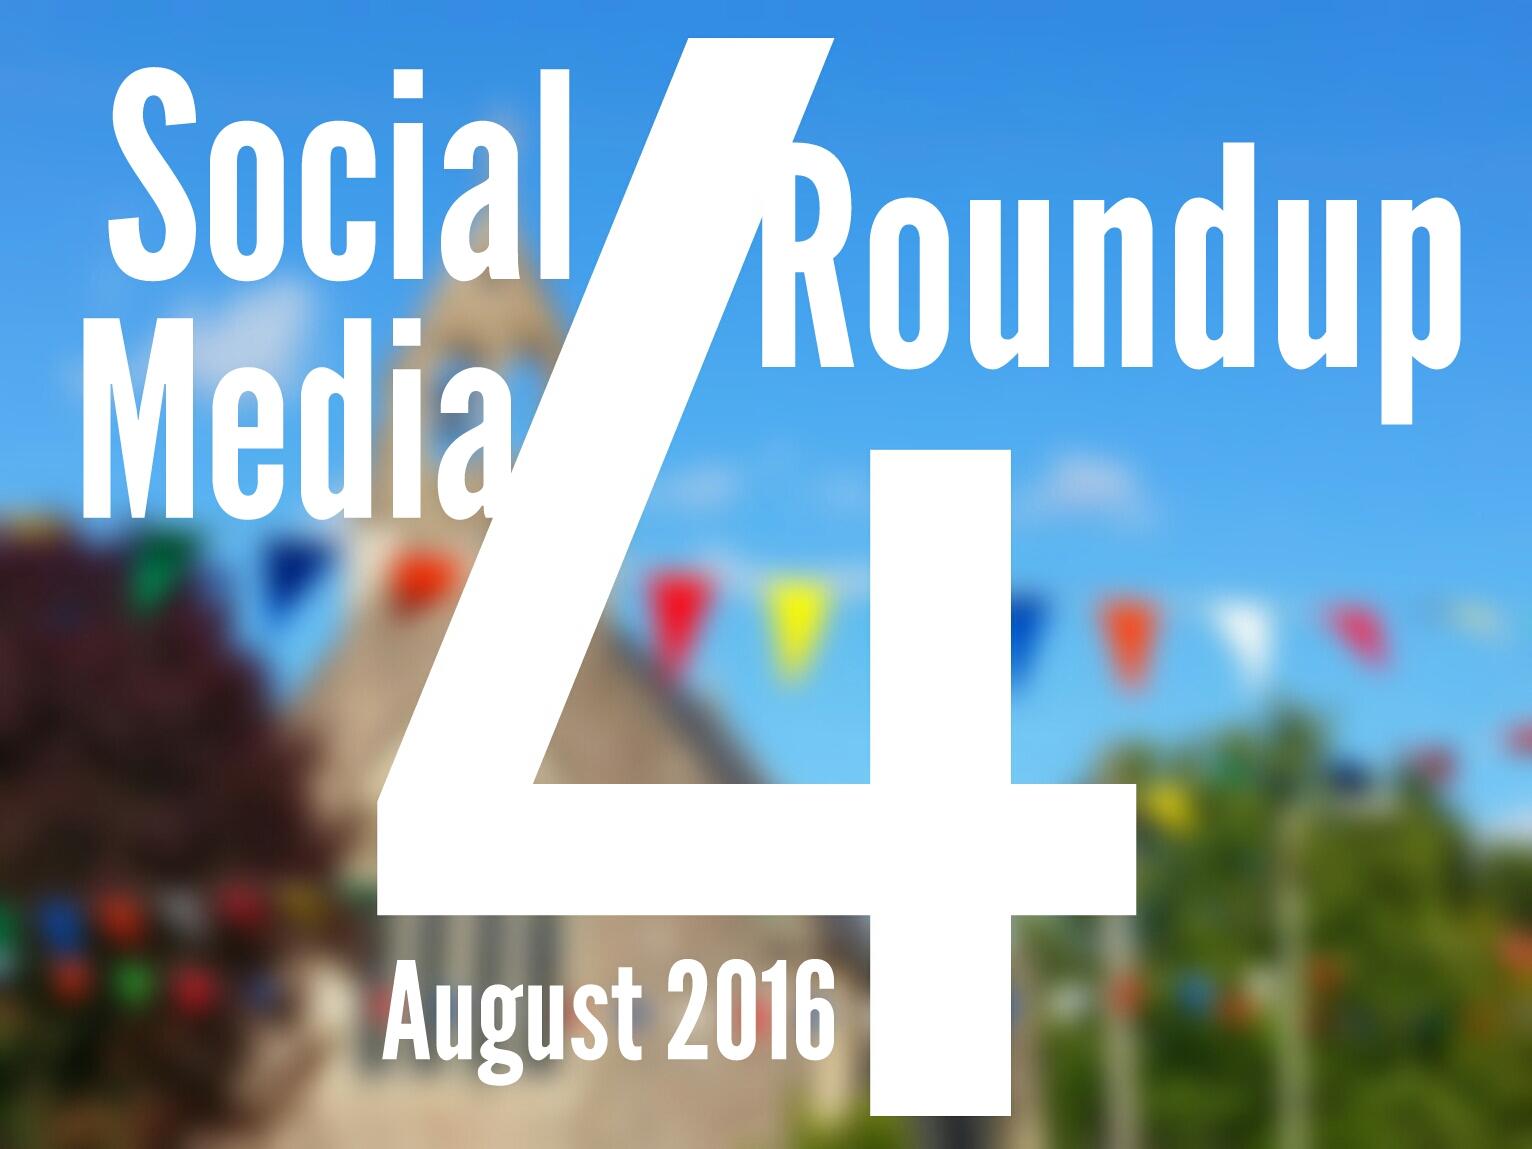 Social Media Roundup August 2016 header